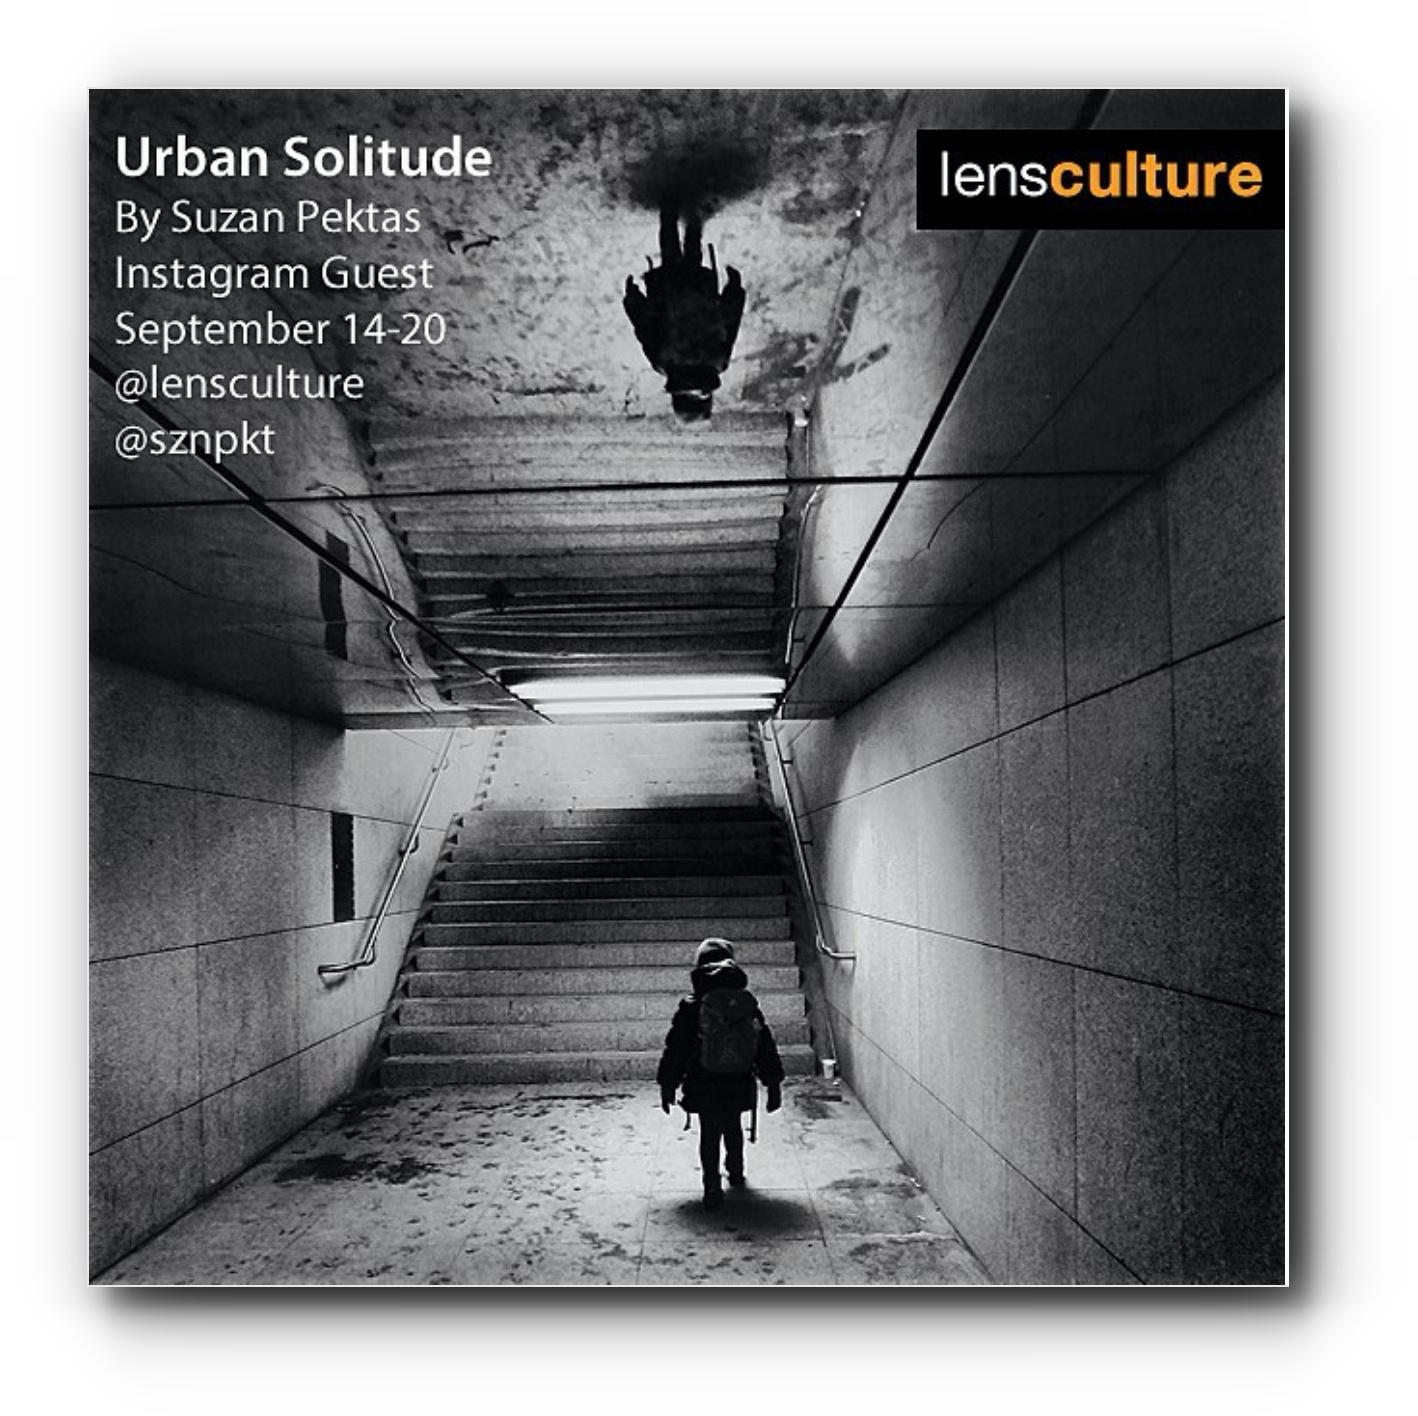 LensCulture takeover Urban Solitude - September, 2015